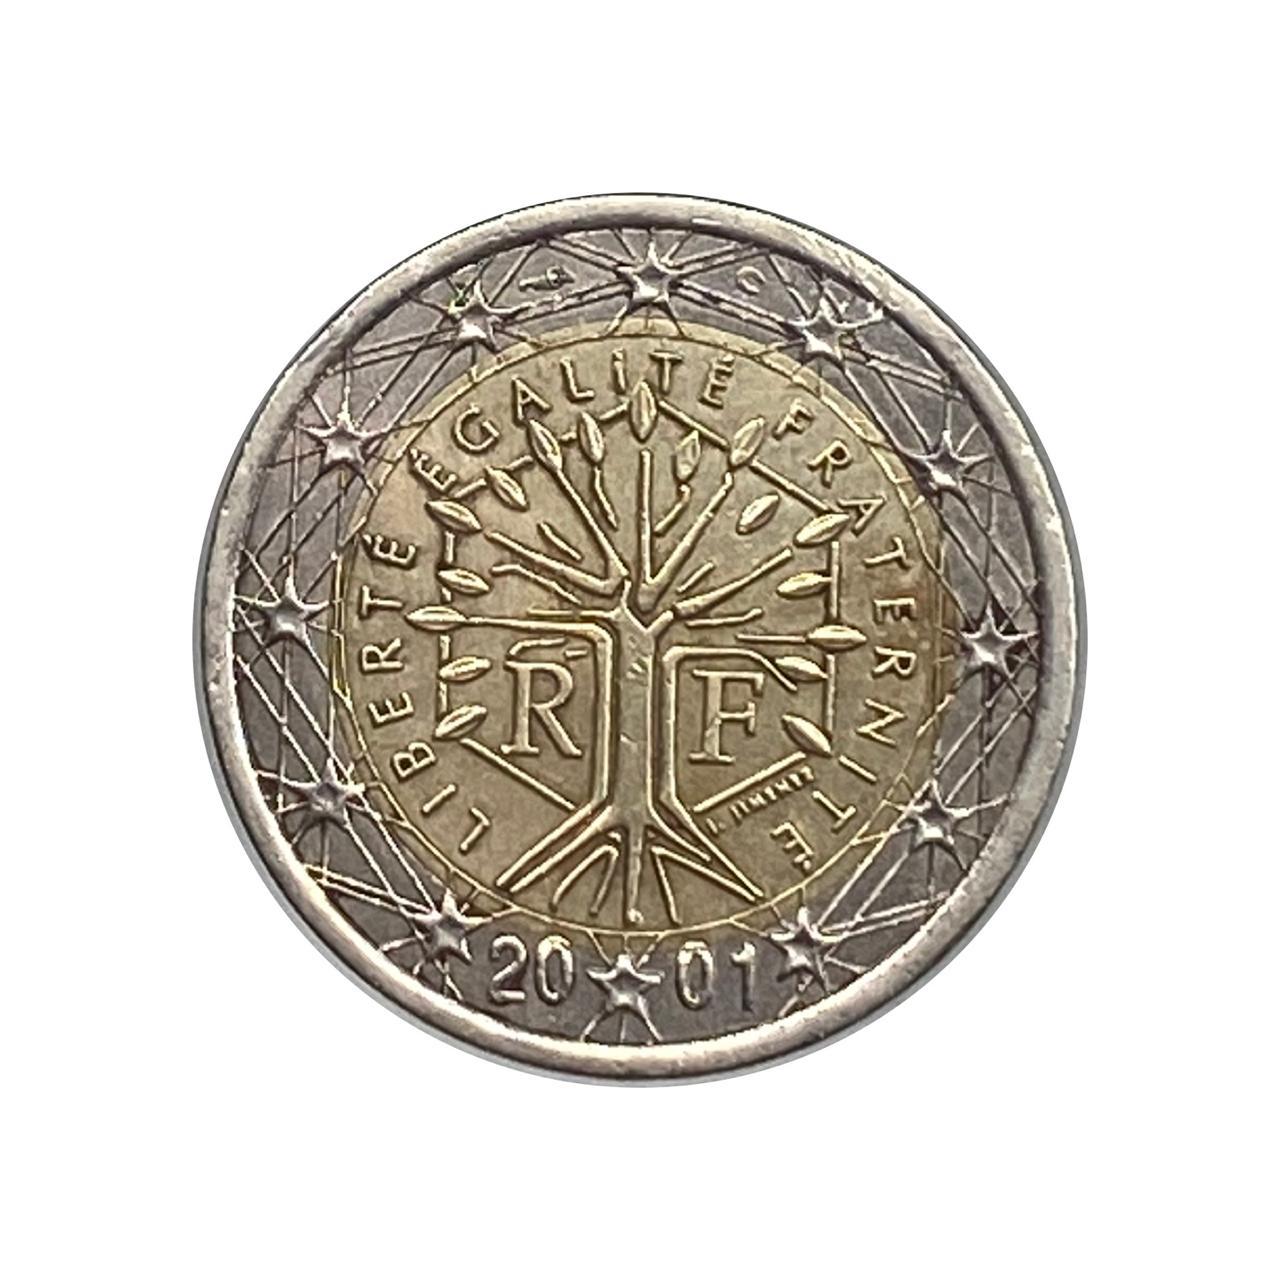 2 Euros França 2001 mbc